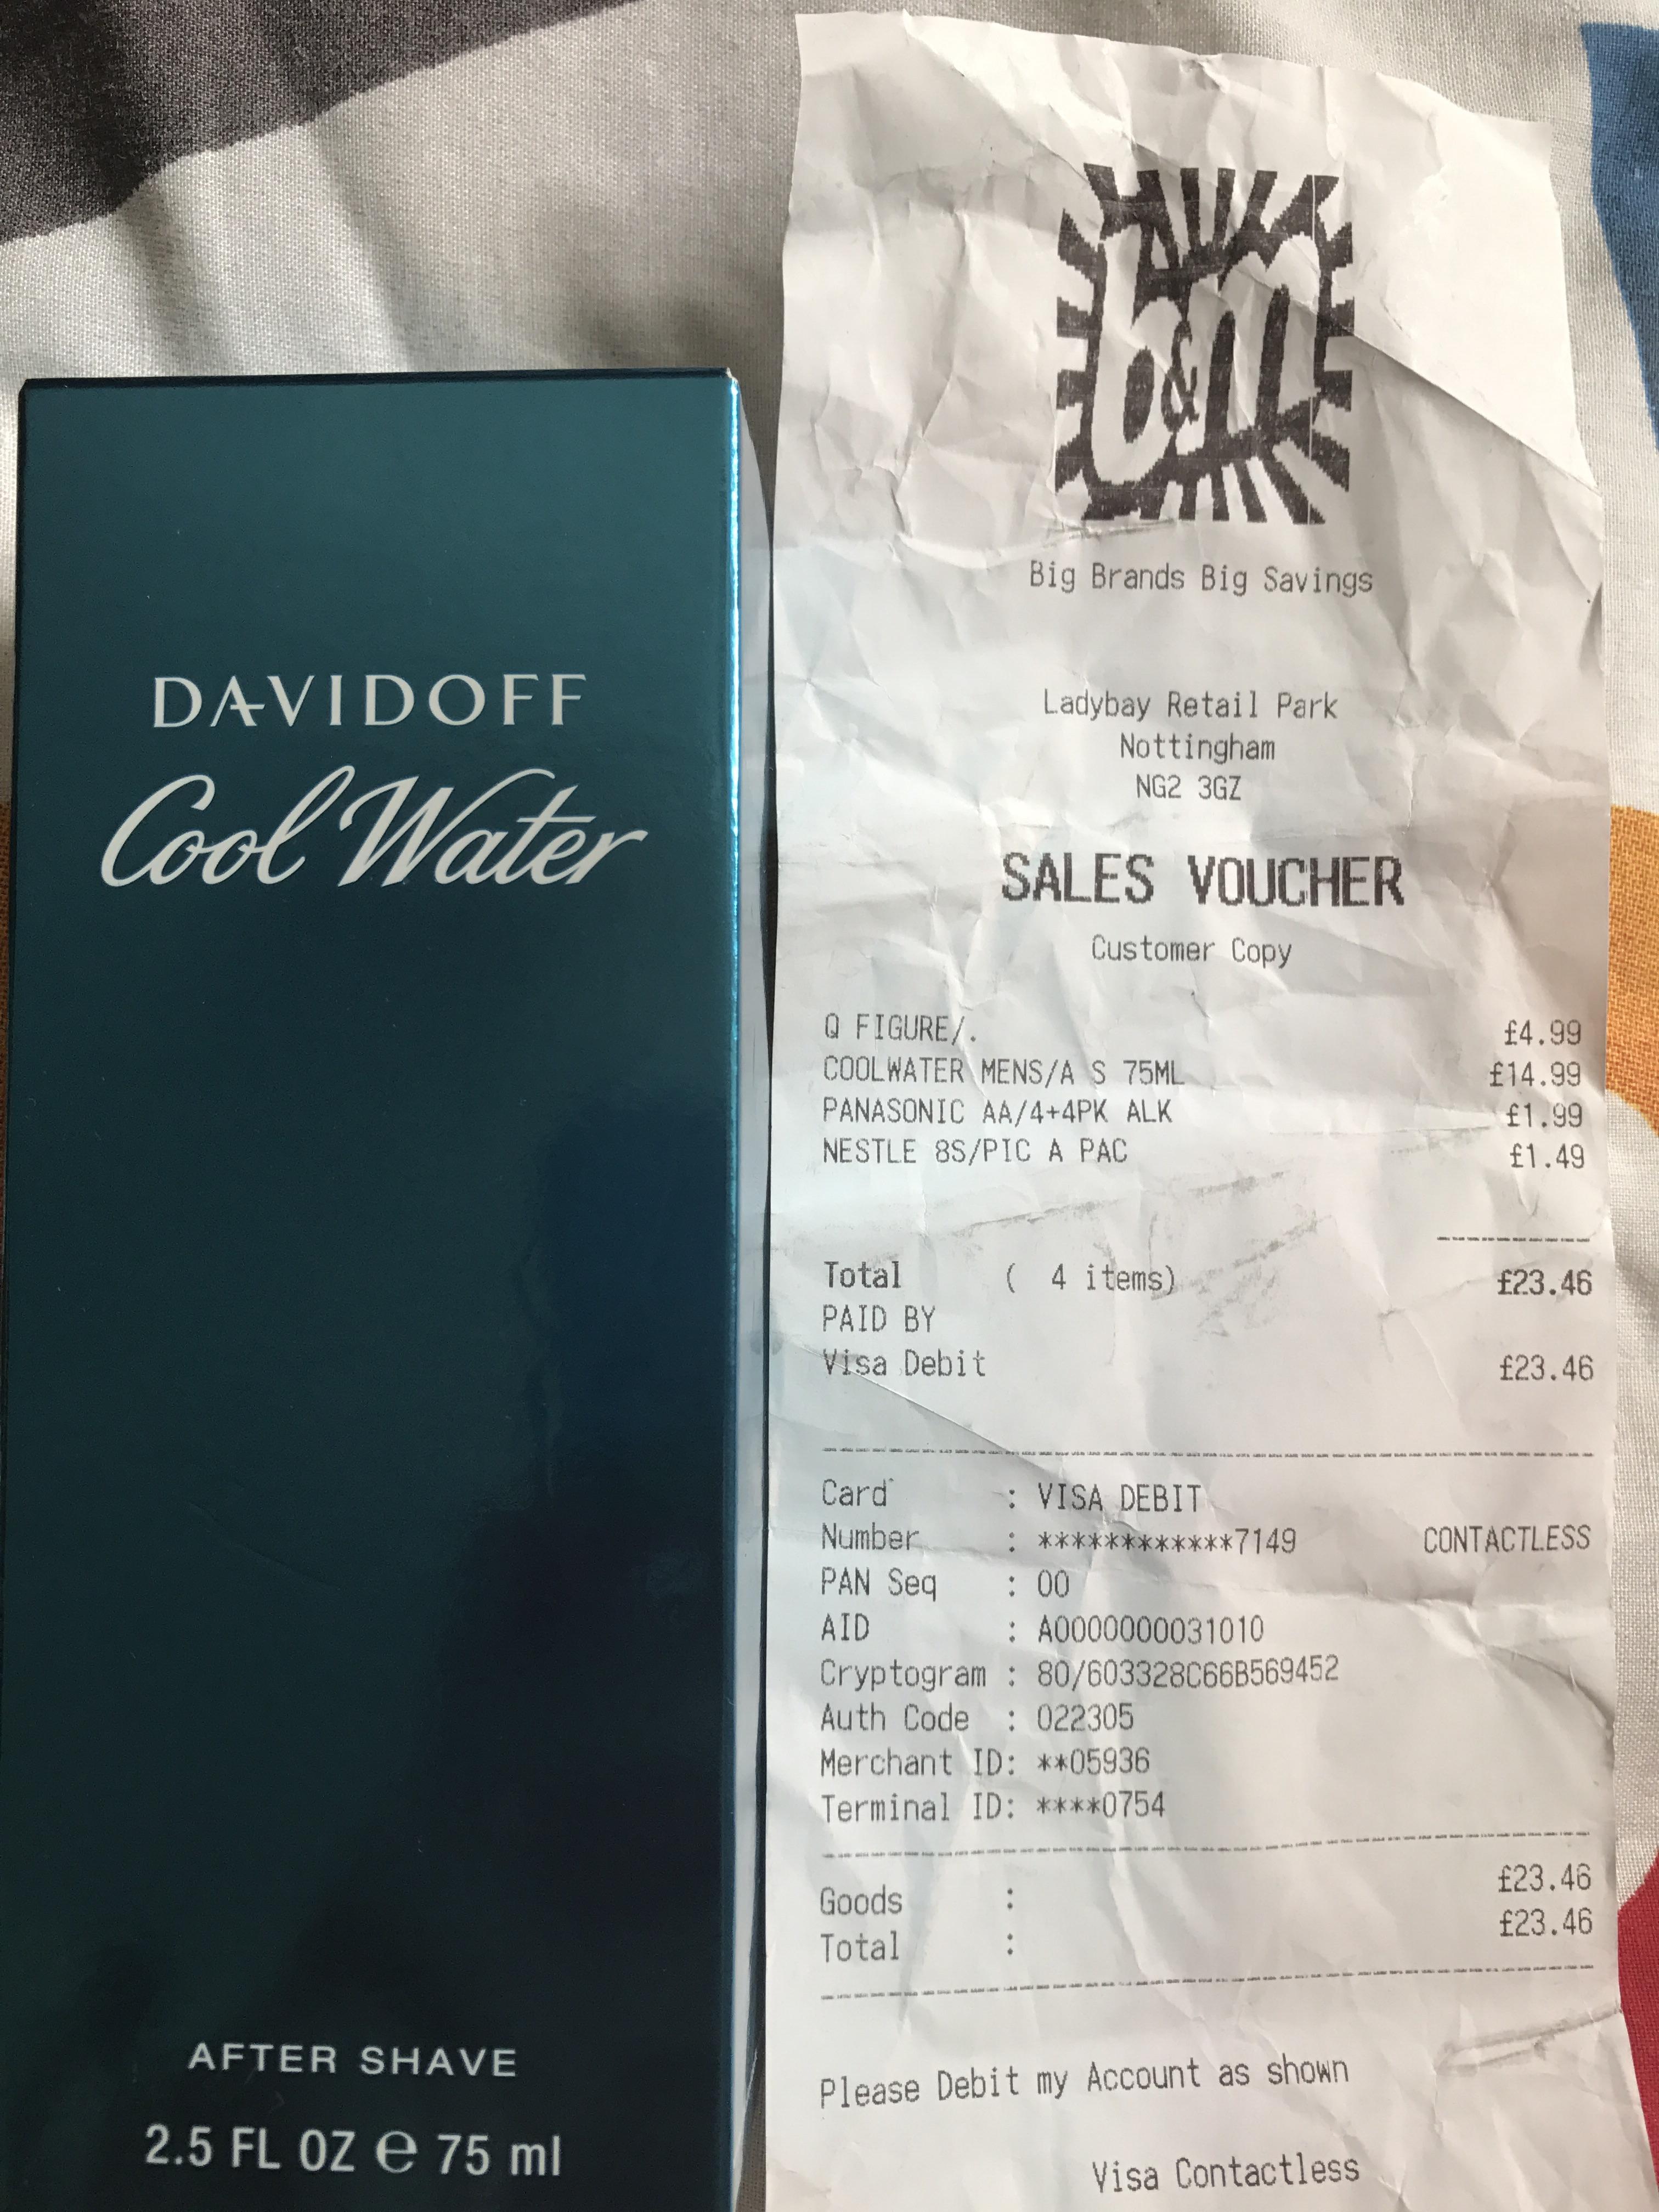 Davidoff cool water - £14.99 instore @ B&M